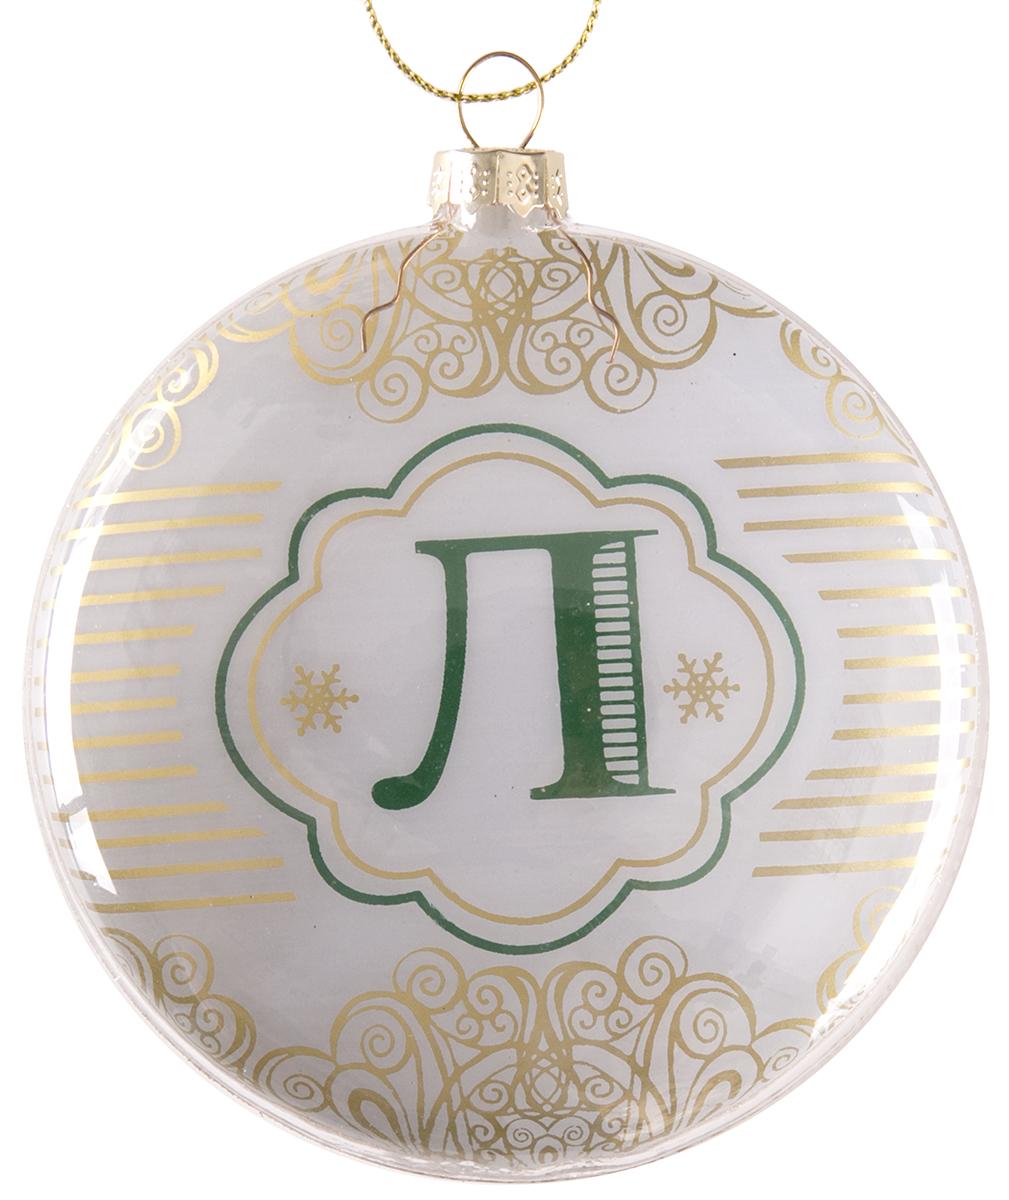 Украшение новогоднее подвесное Magic Time Буква Л, стеклянное украшение настенное в виде головы обезьяны rudyard